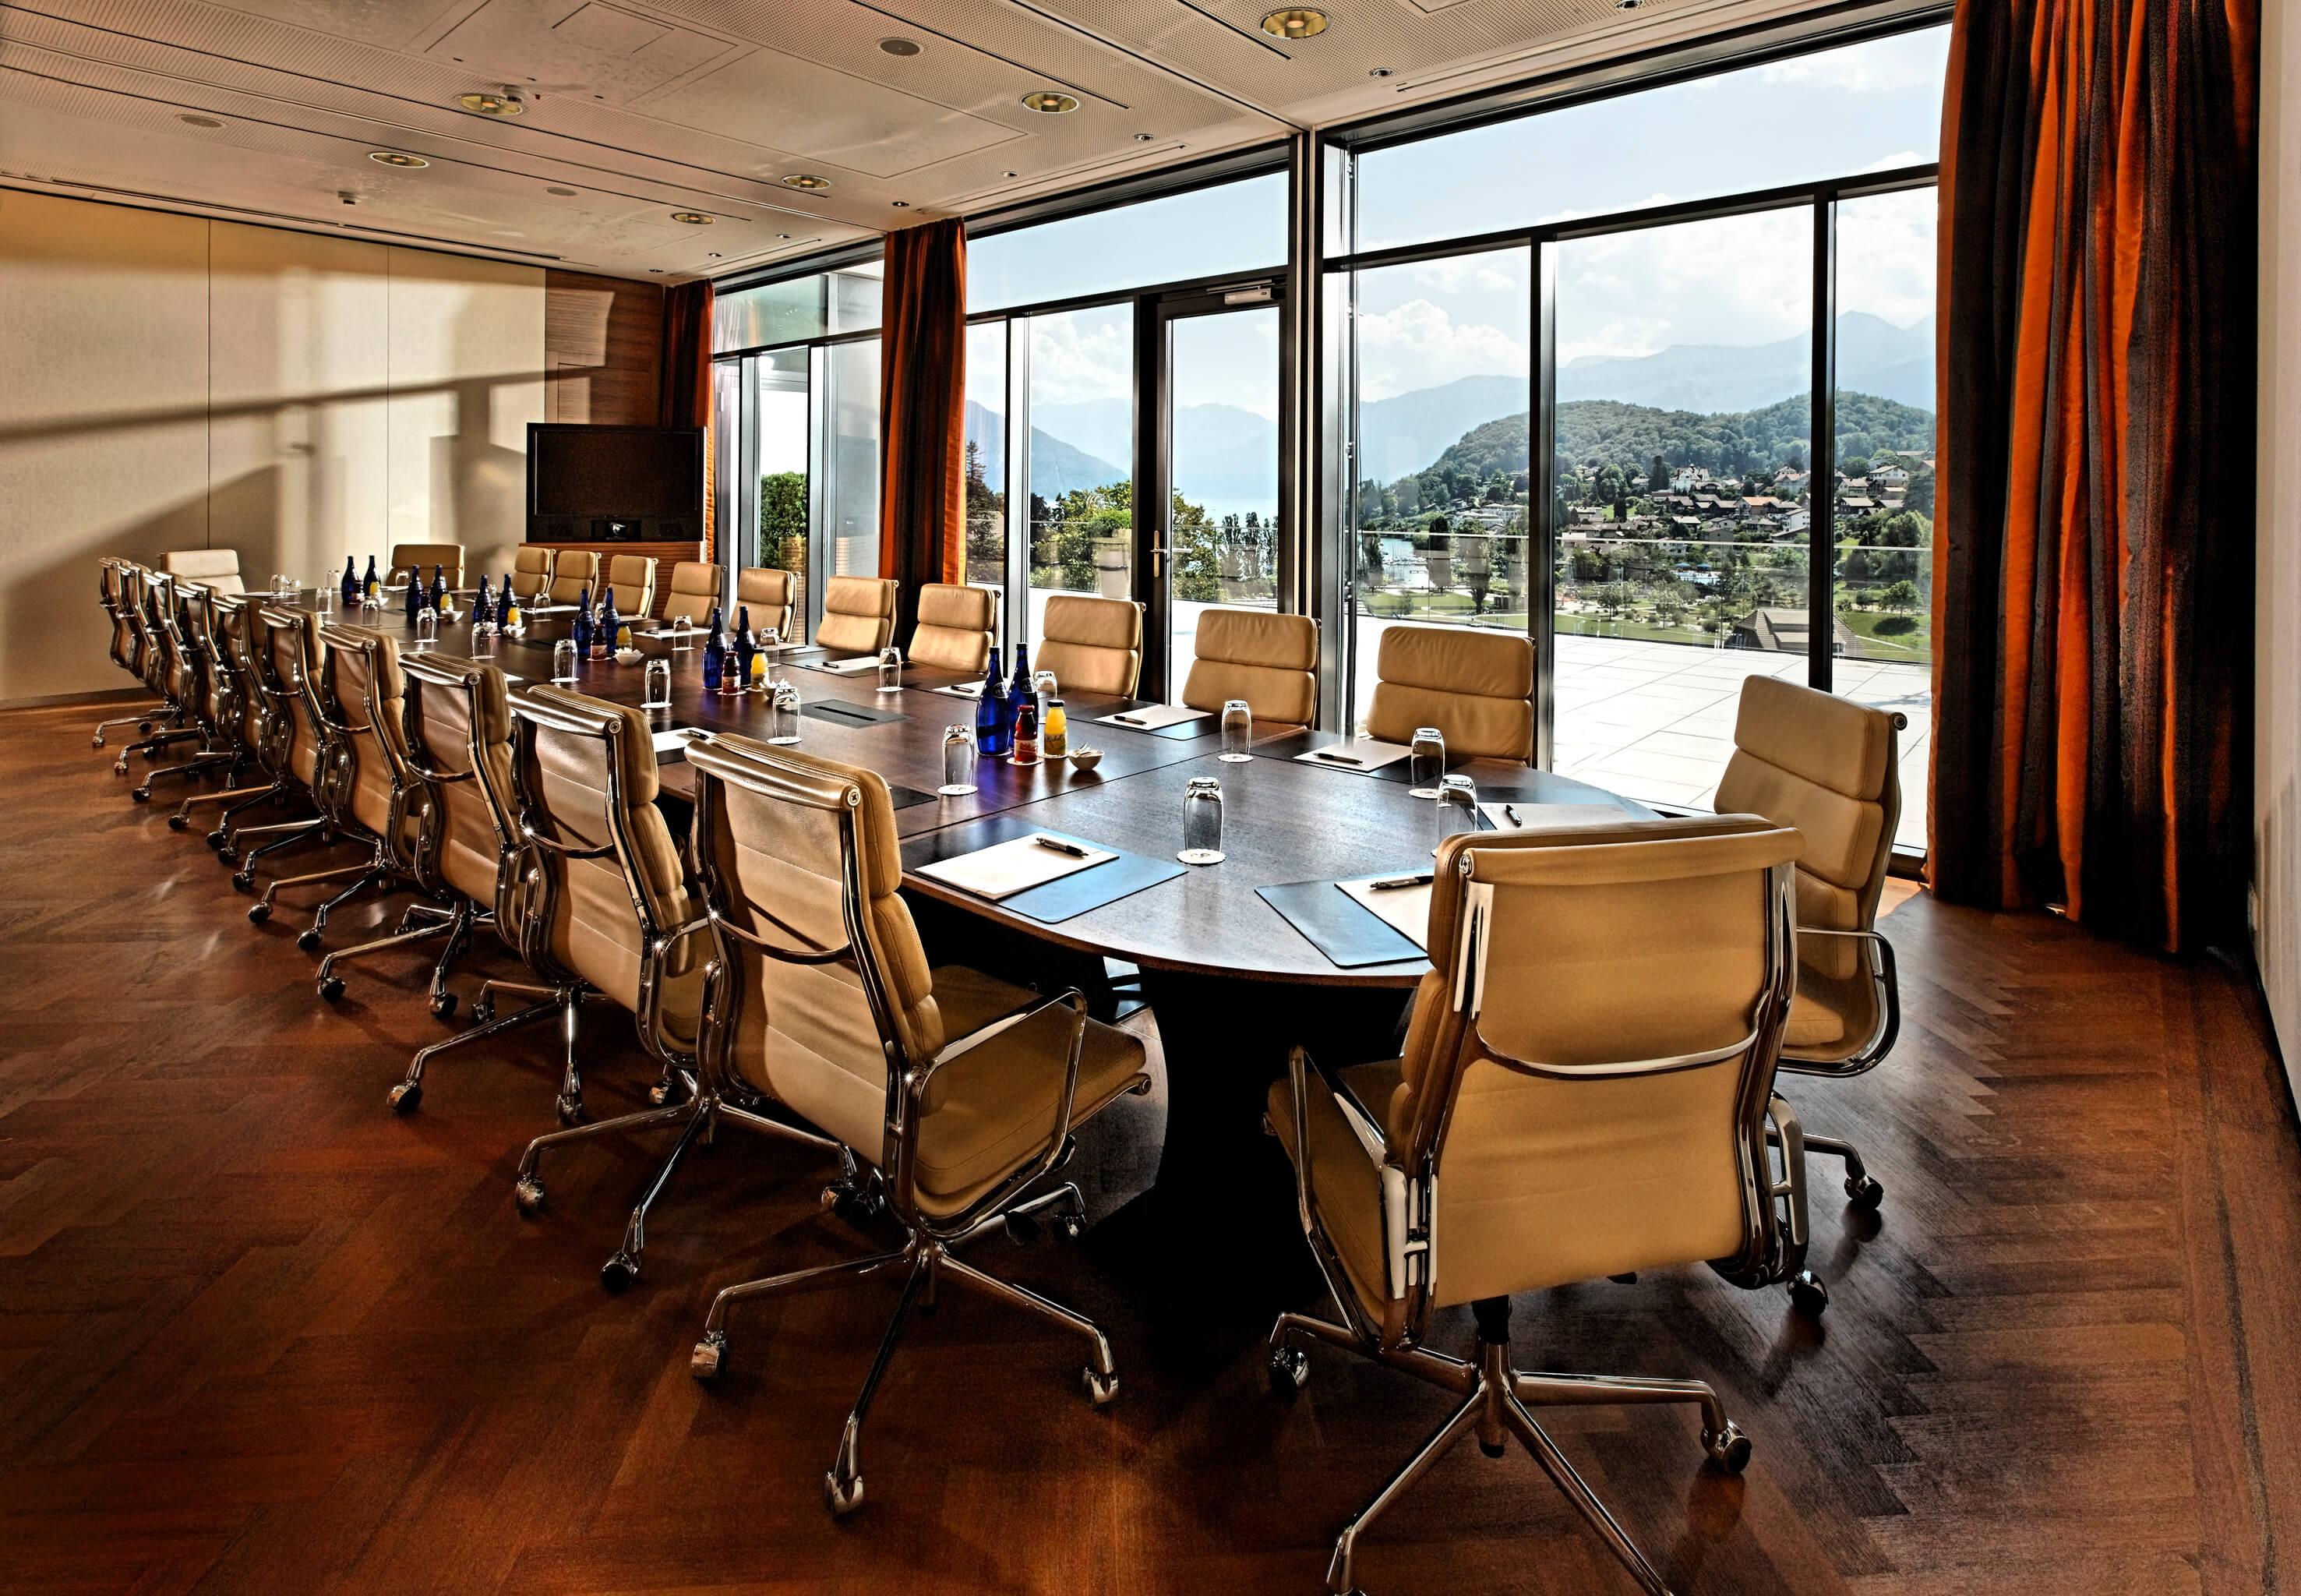 hotel-eden-meeting-boardroom-gross-spiez.jpg